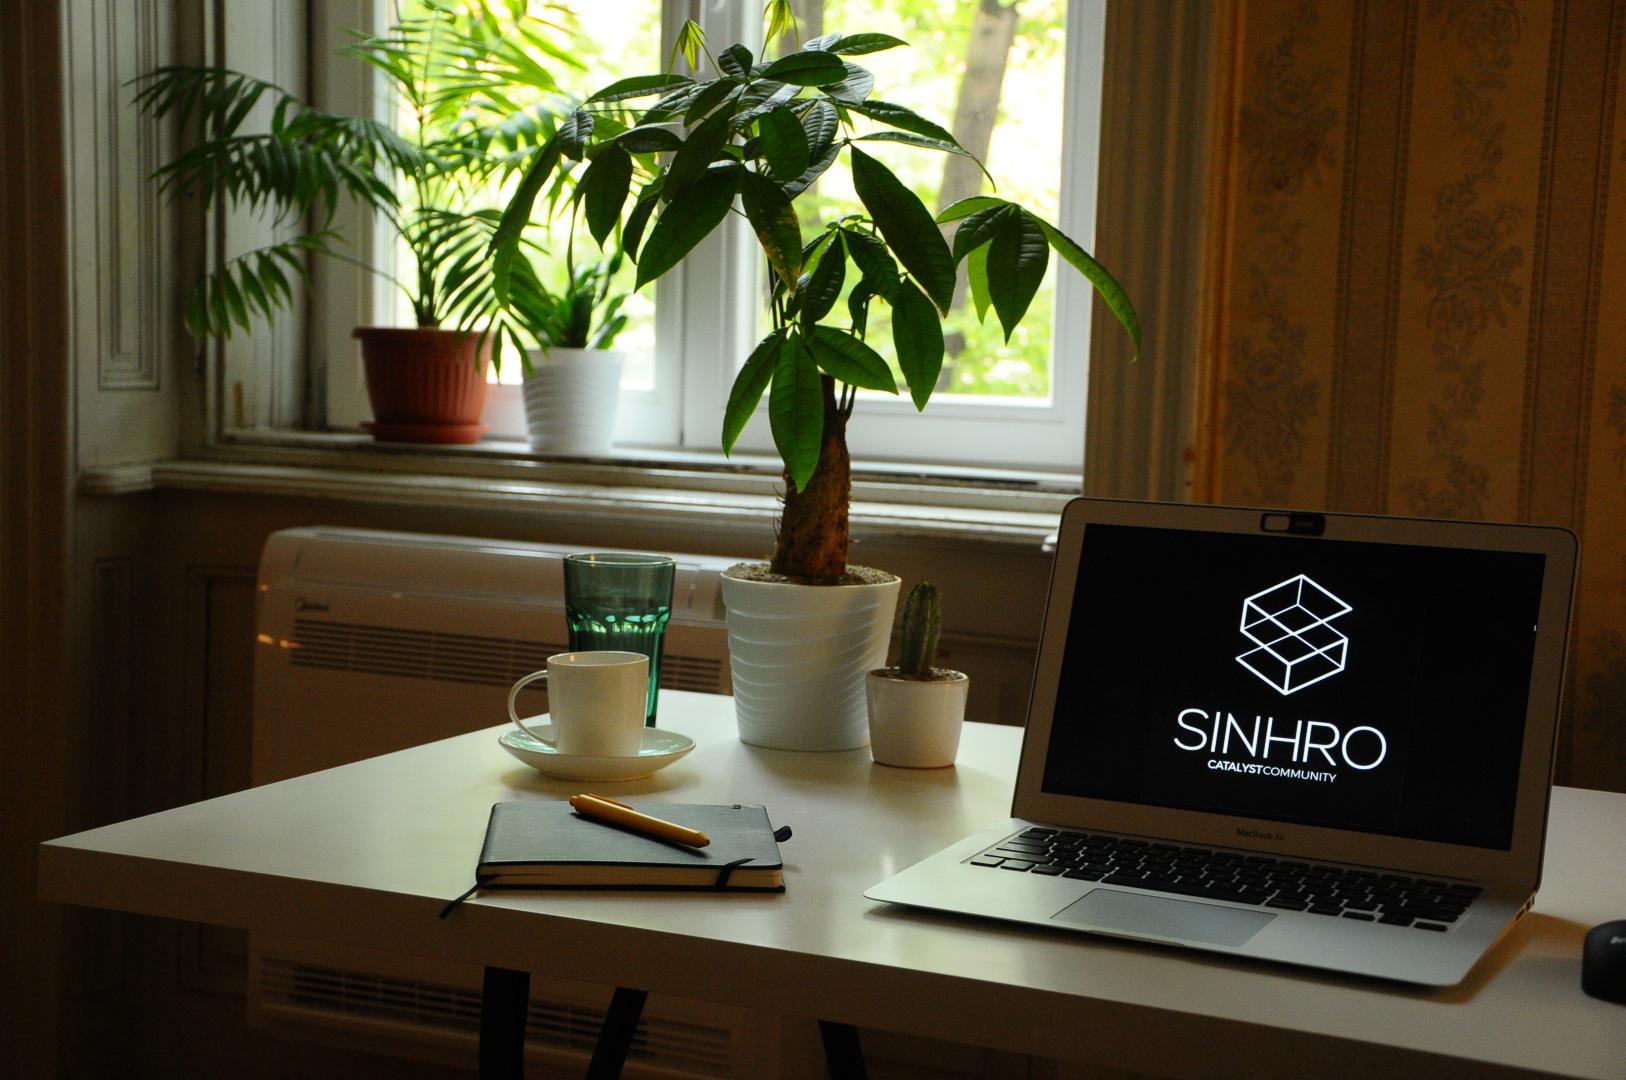 Sinhro hub